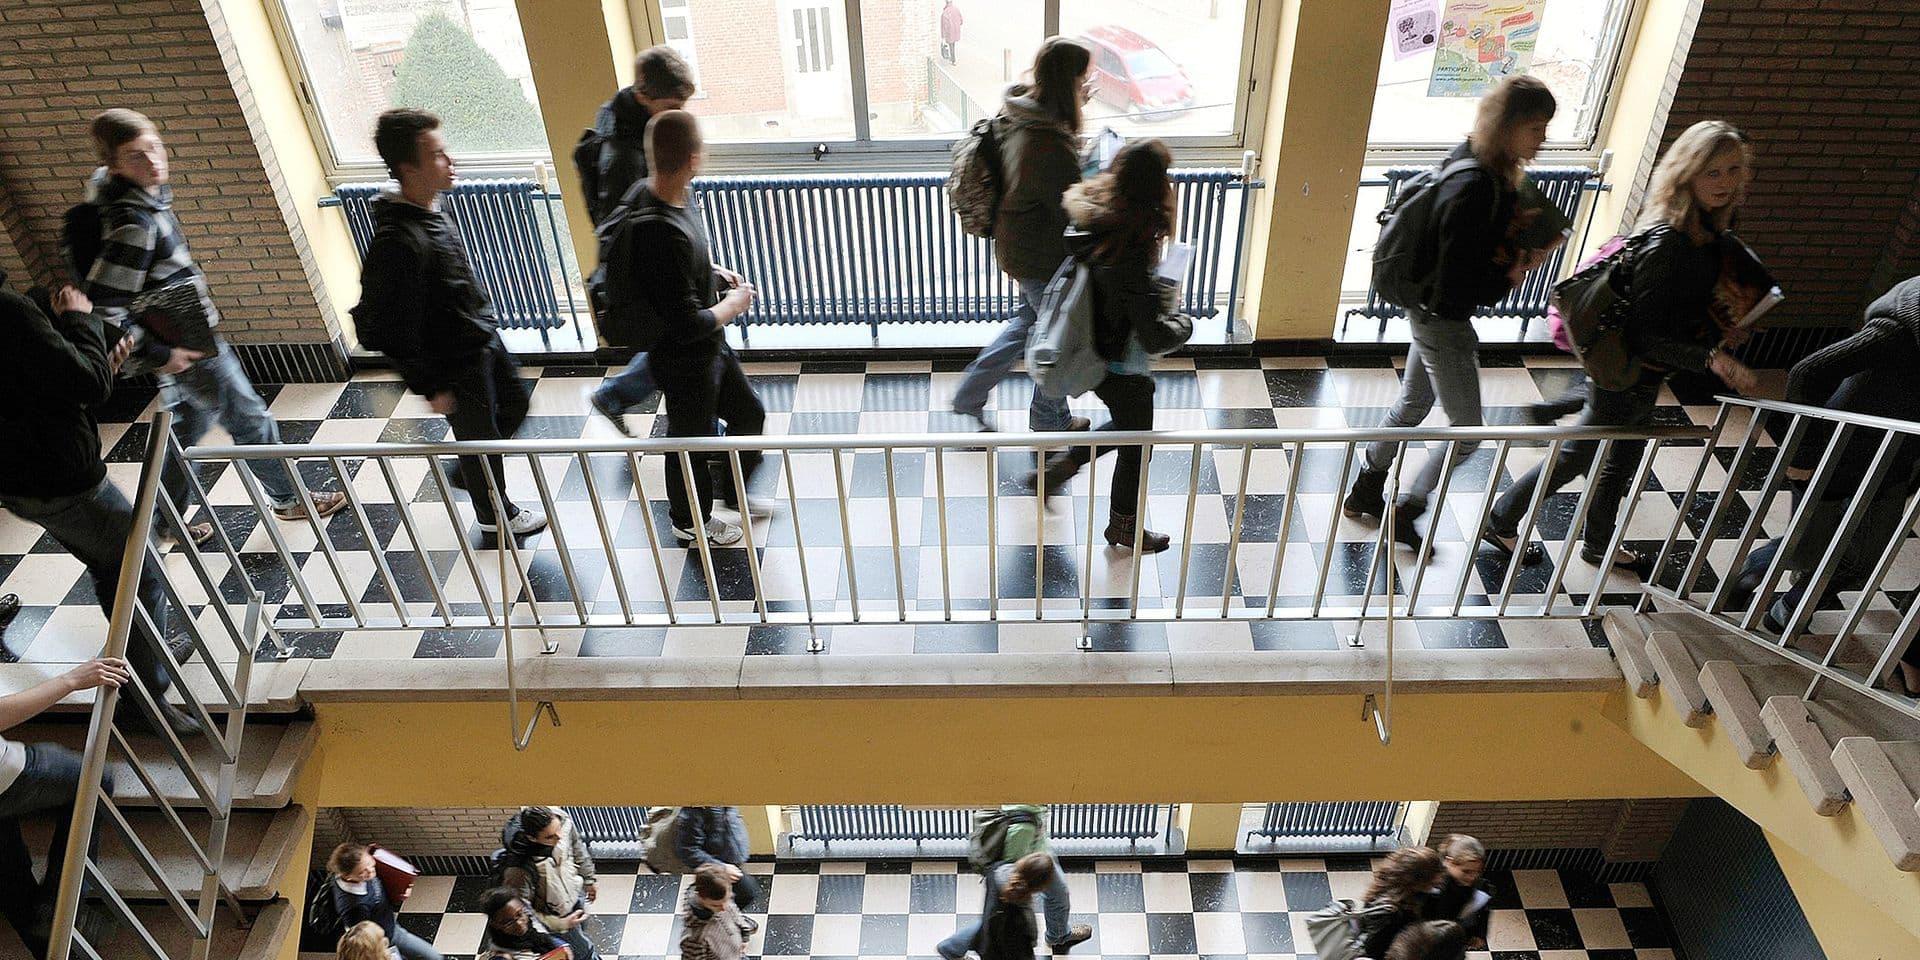 Le décrochage scolaire explose depuis le début de la crise